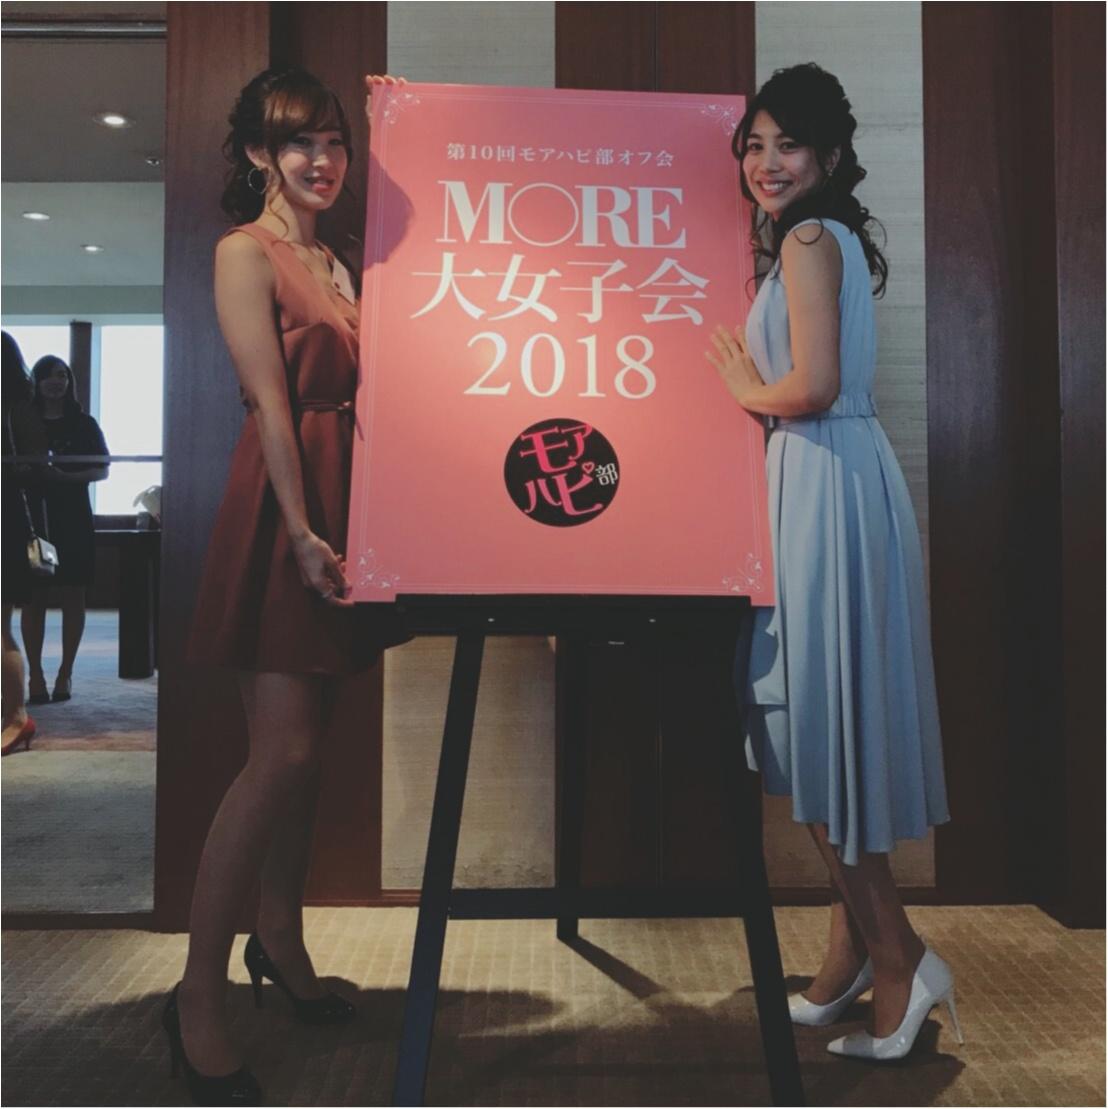 ★今年もこの日がやってきました♡年に一度の大イベント、『MORE大女子会』2018年の様子は…?★_1